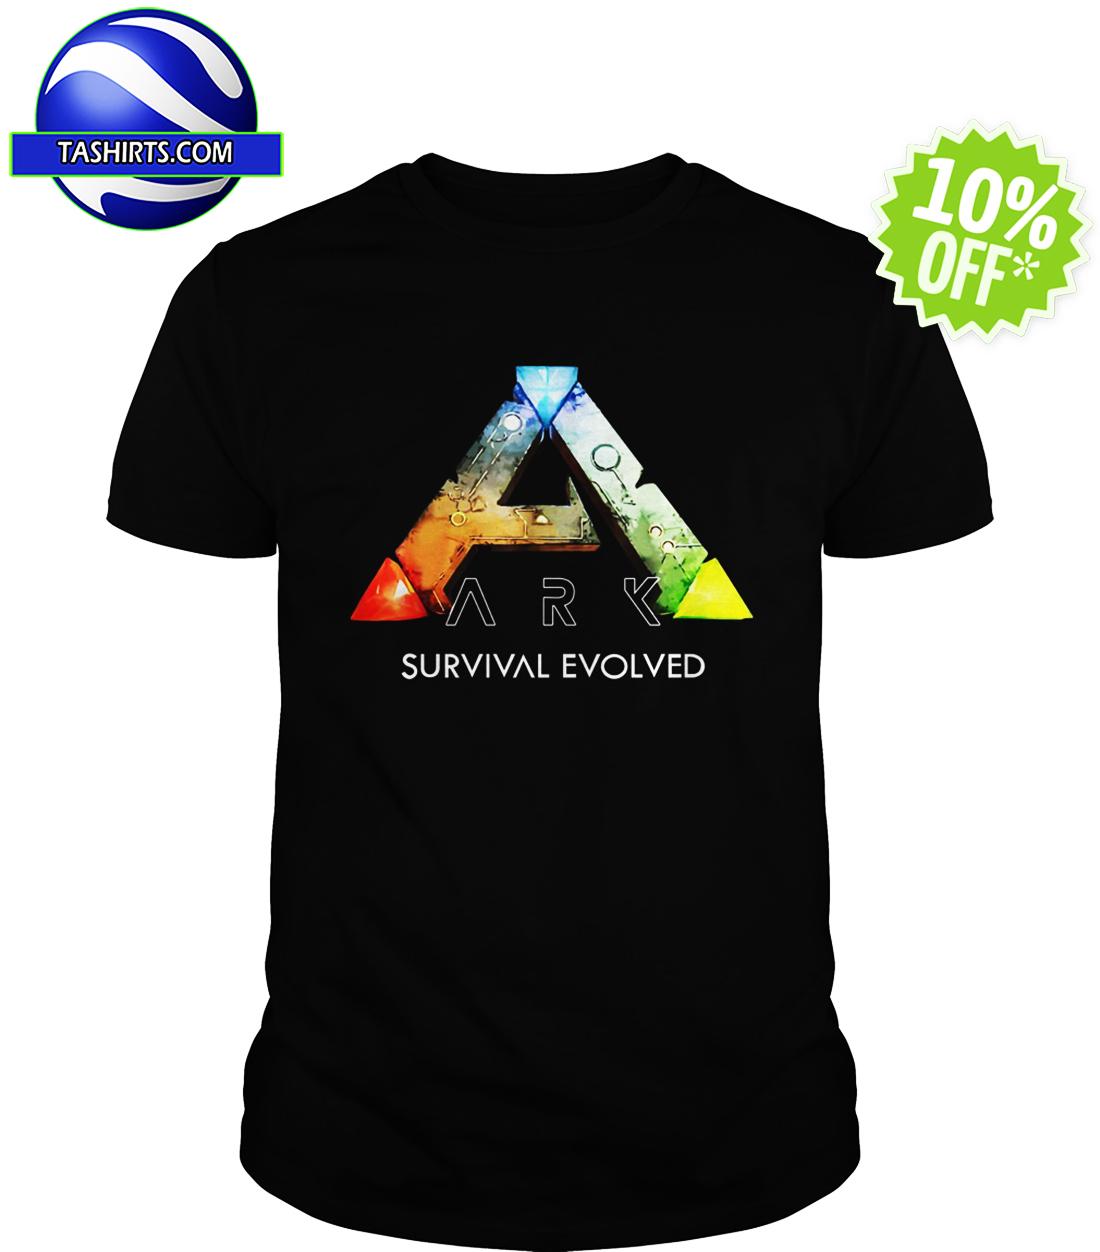 Ark Survival Evolved shirt